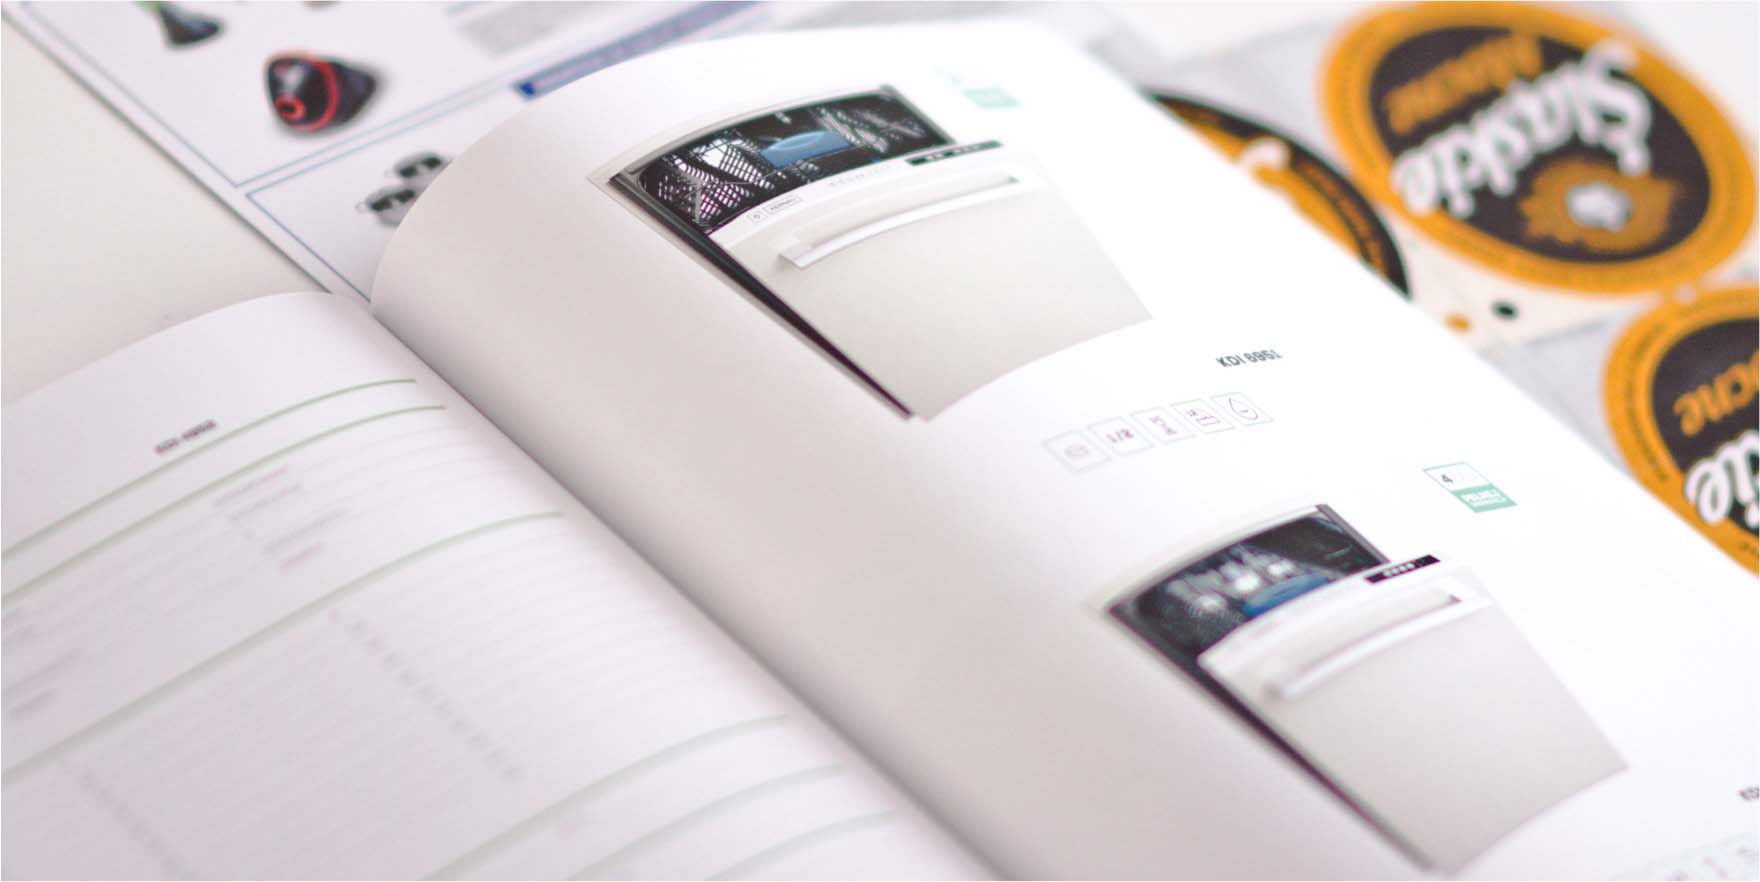 modelowanie projektowanie 3d agd